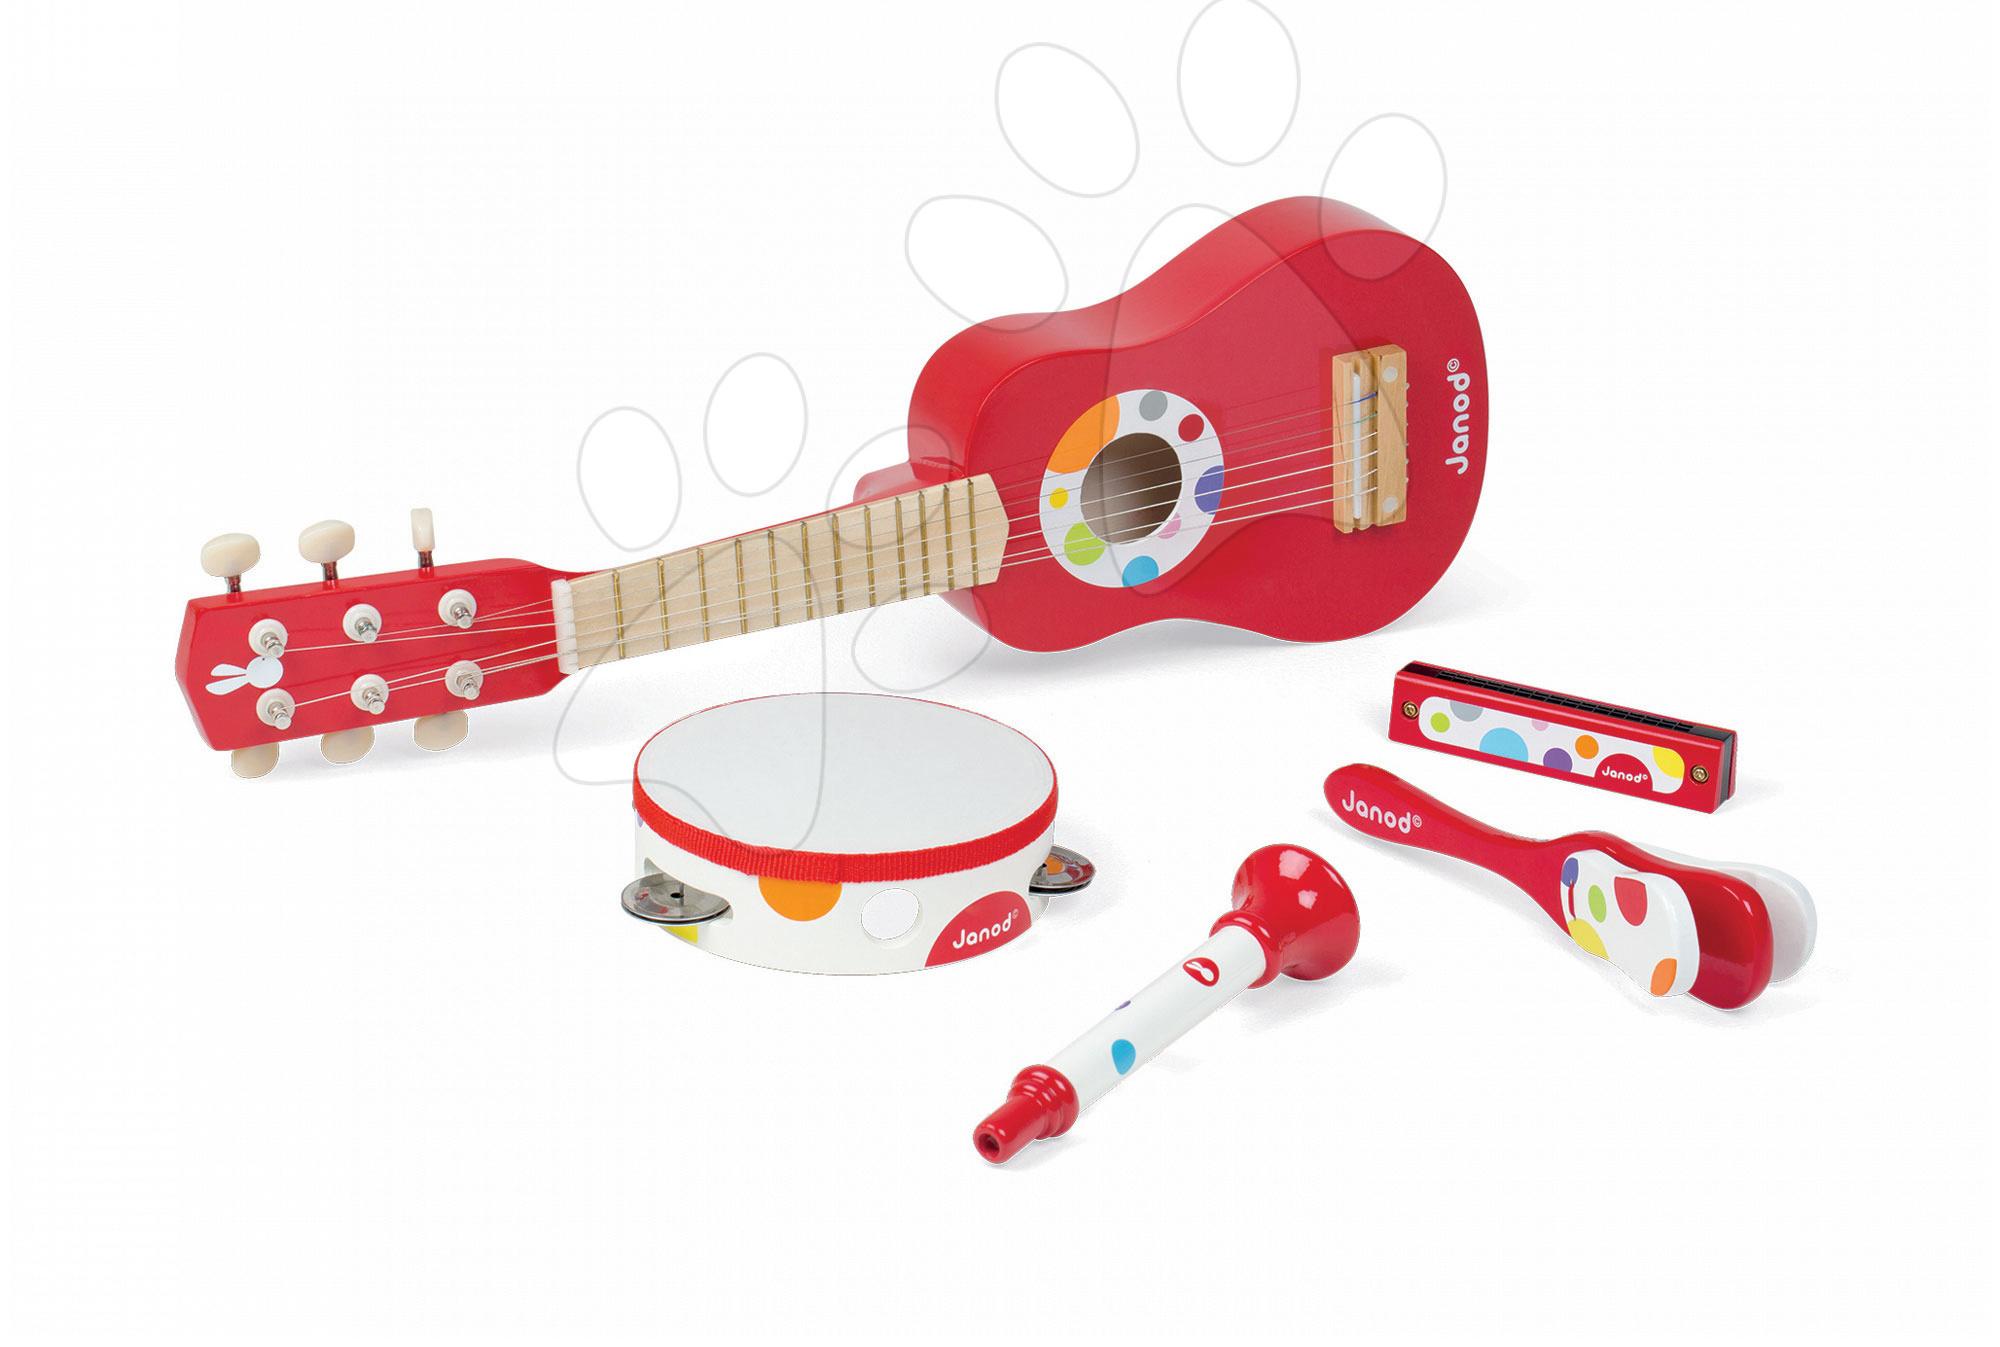 Detské hudobné nástroje - Sada 5 drevených hudobných nástrojov Confetti Music Live Janod gitara, harmonika, trúbka, tamburína a kastanety od 3 rokov